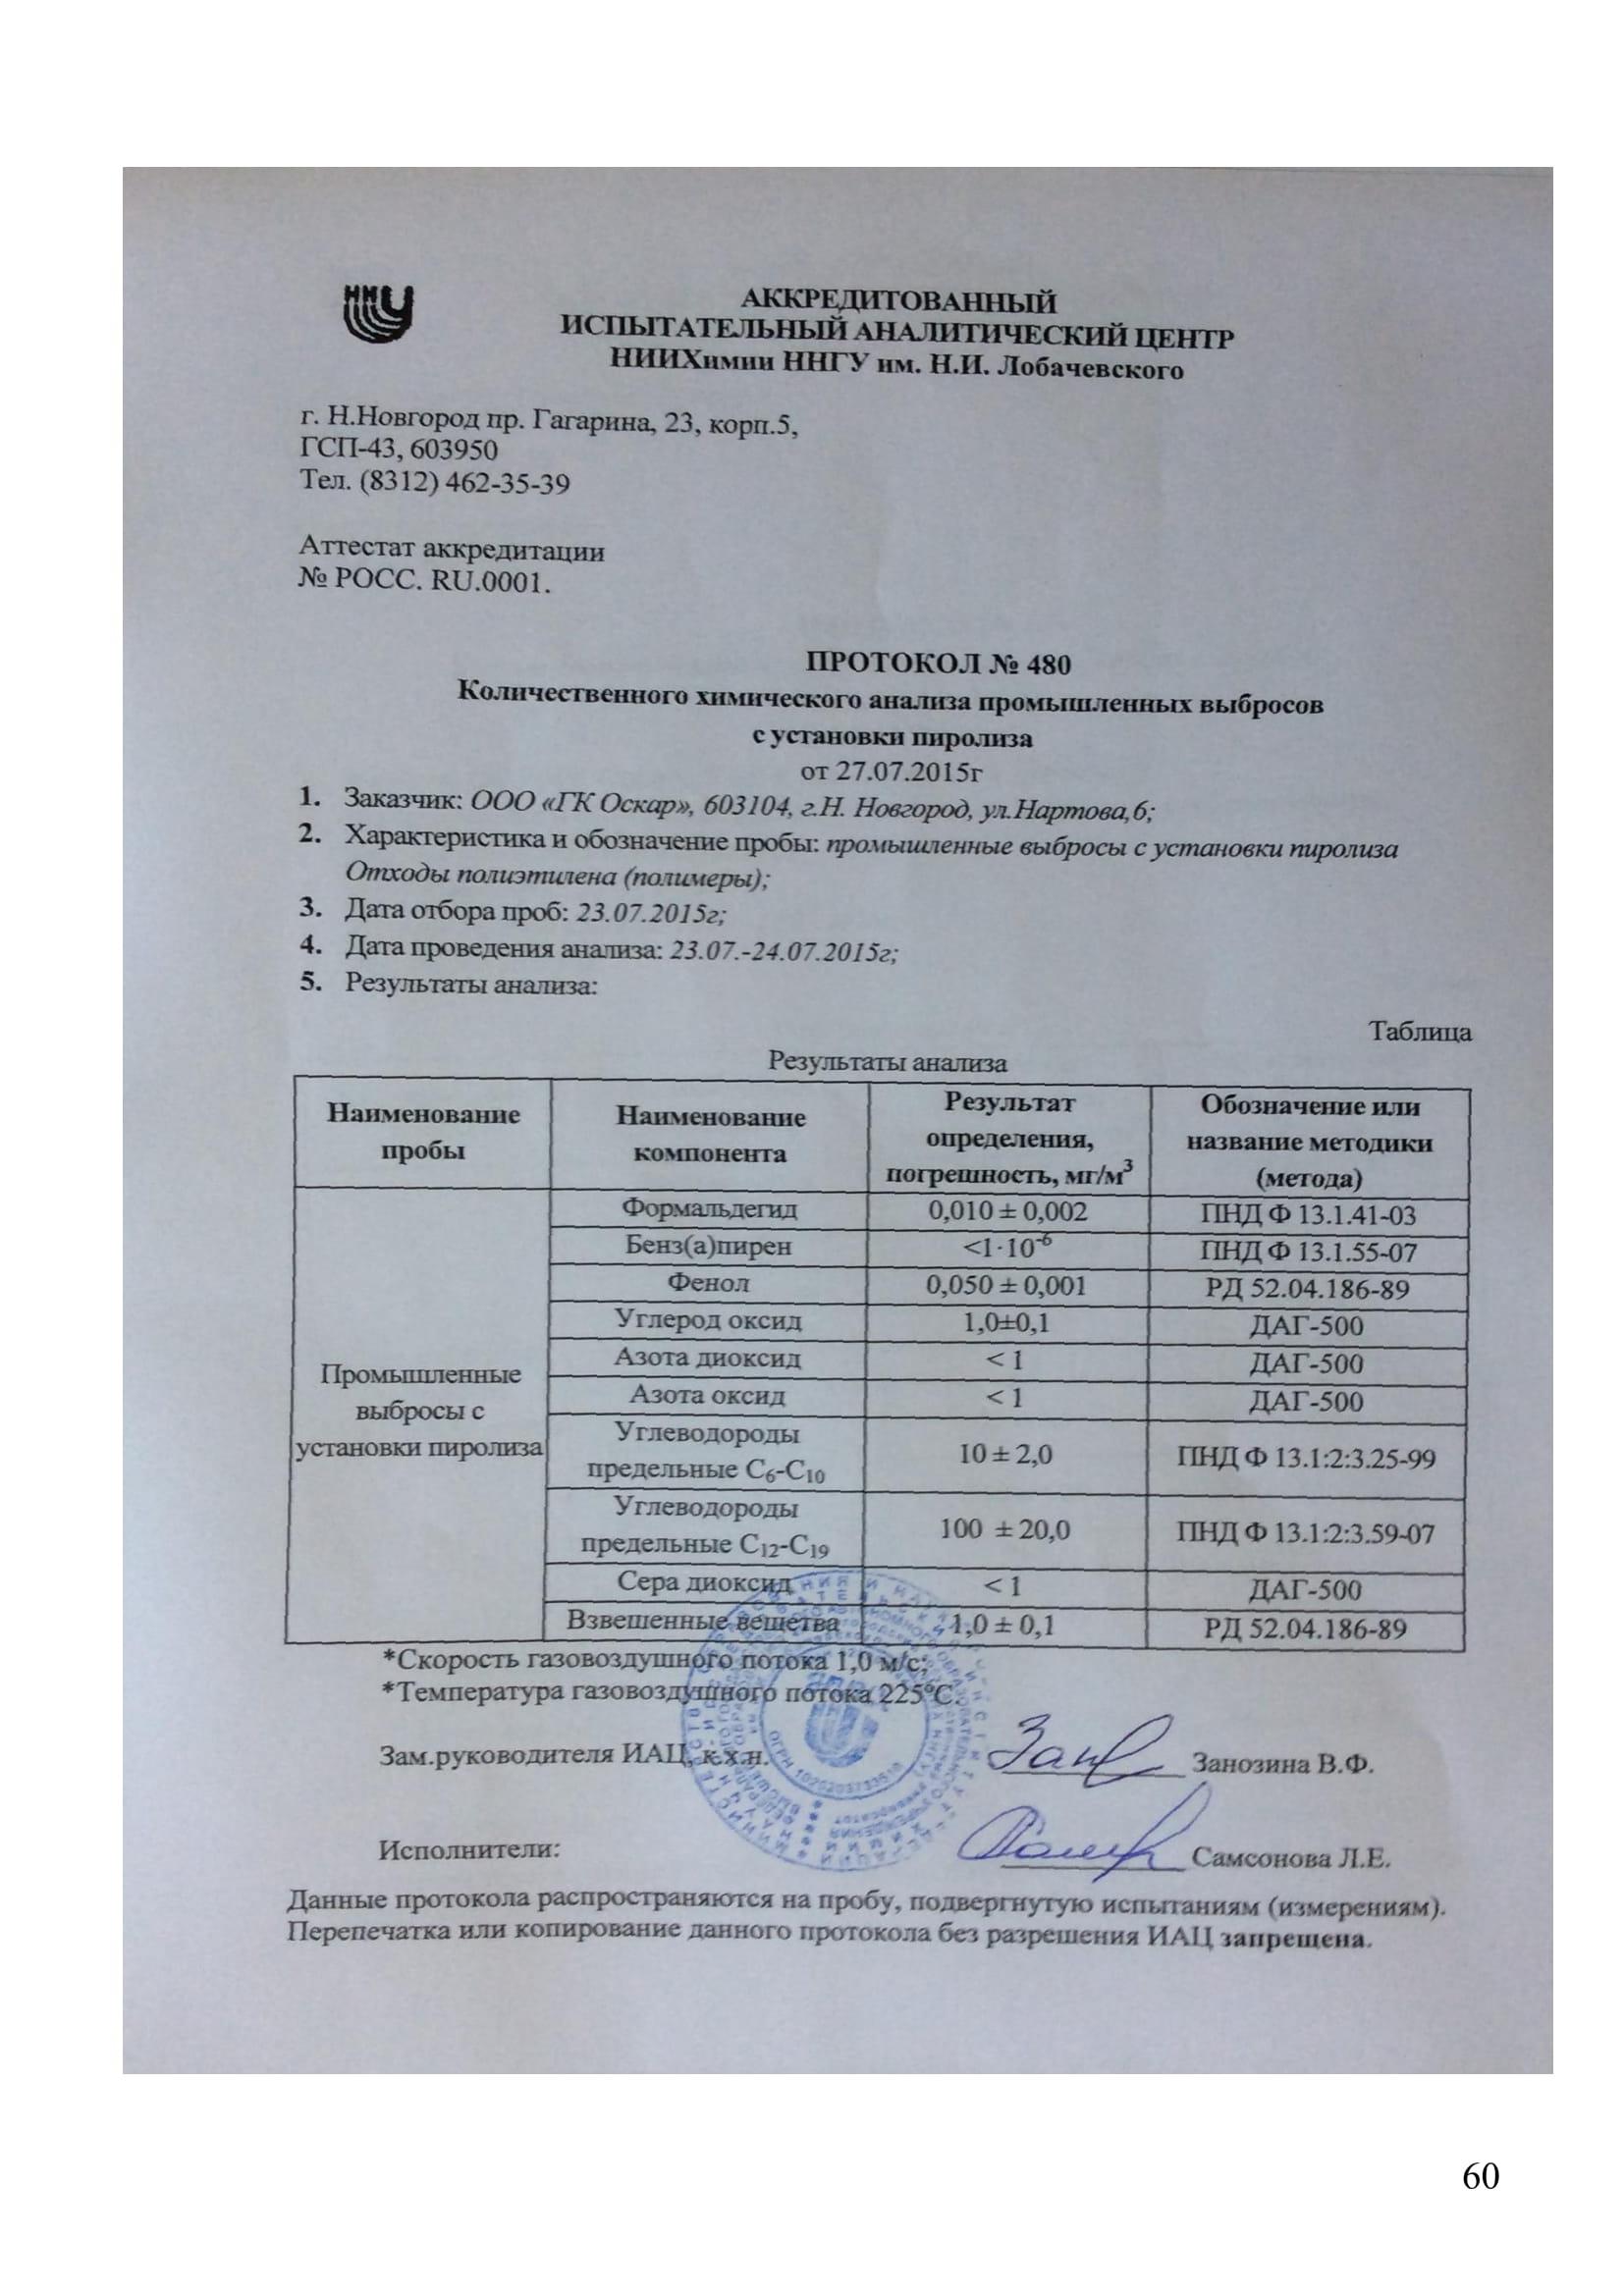 Протокол выбросов Т-ПУ1